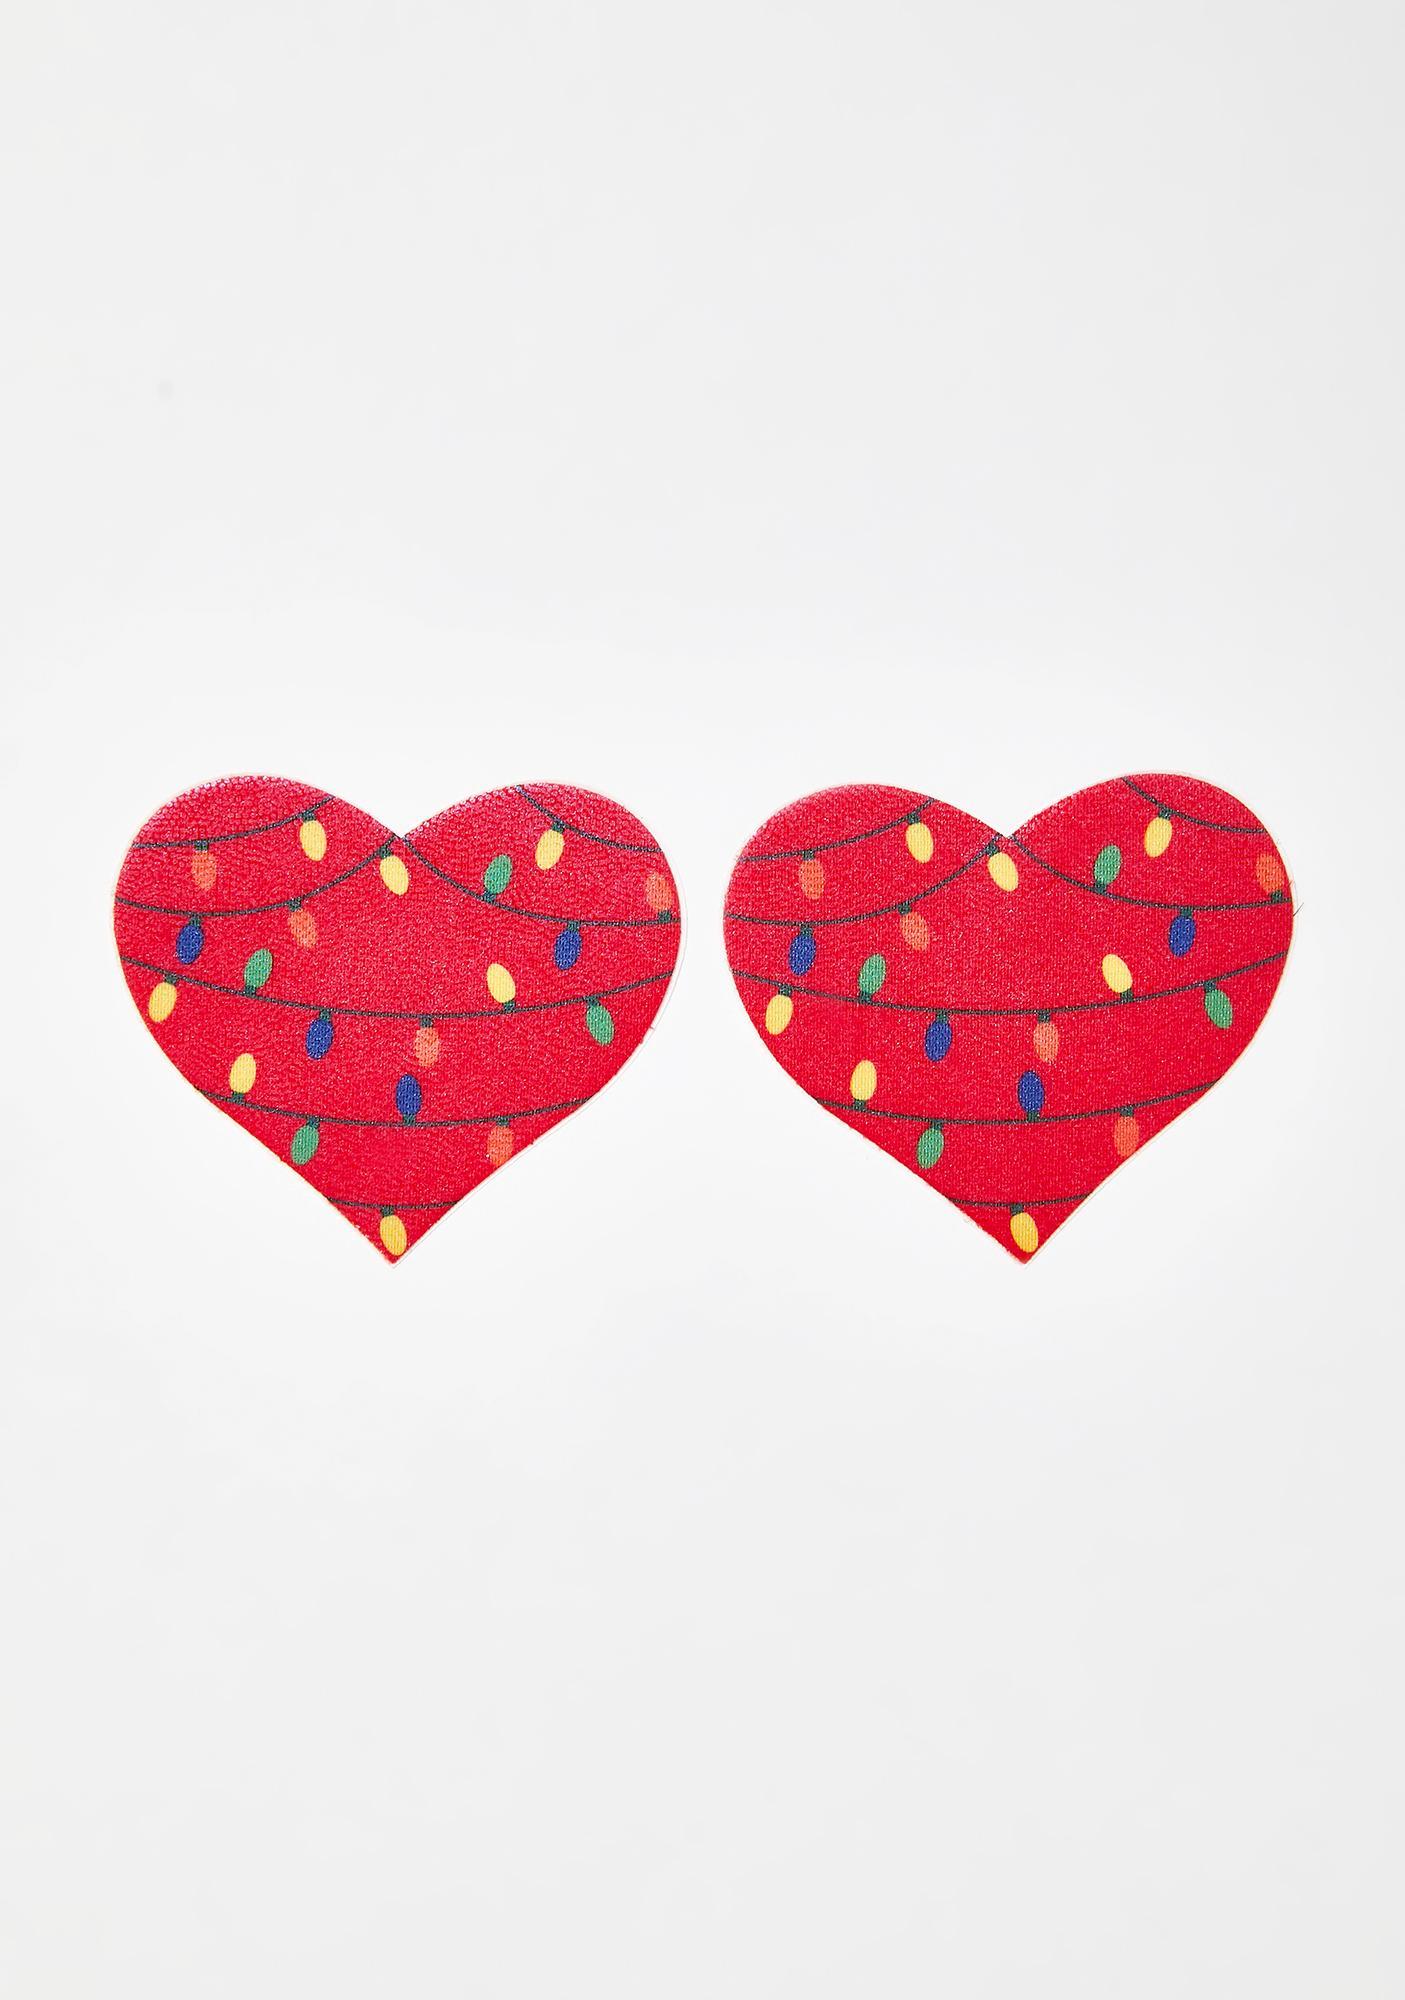 Pastease Lit Heart Pasties